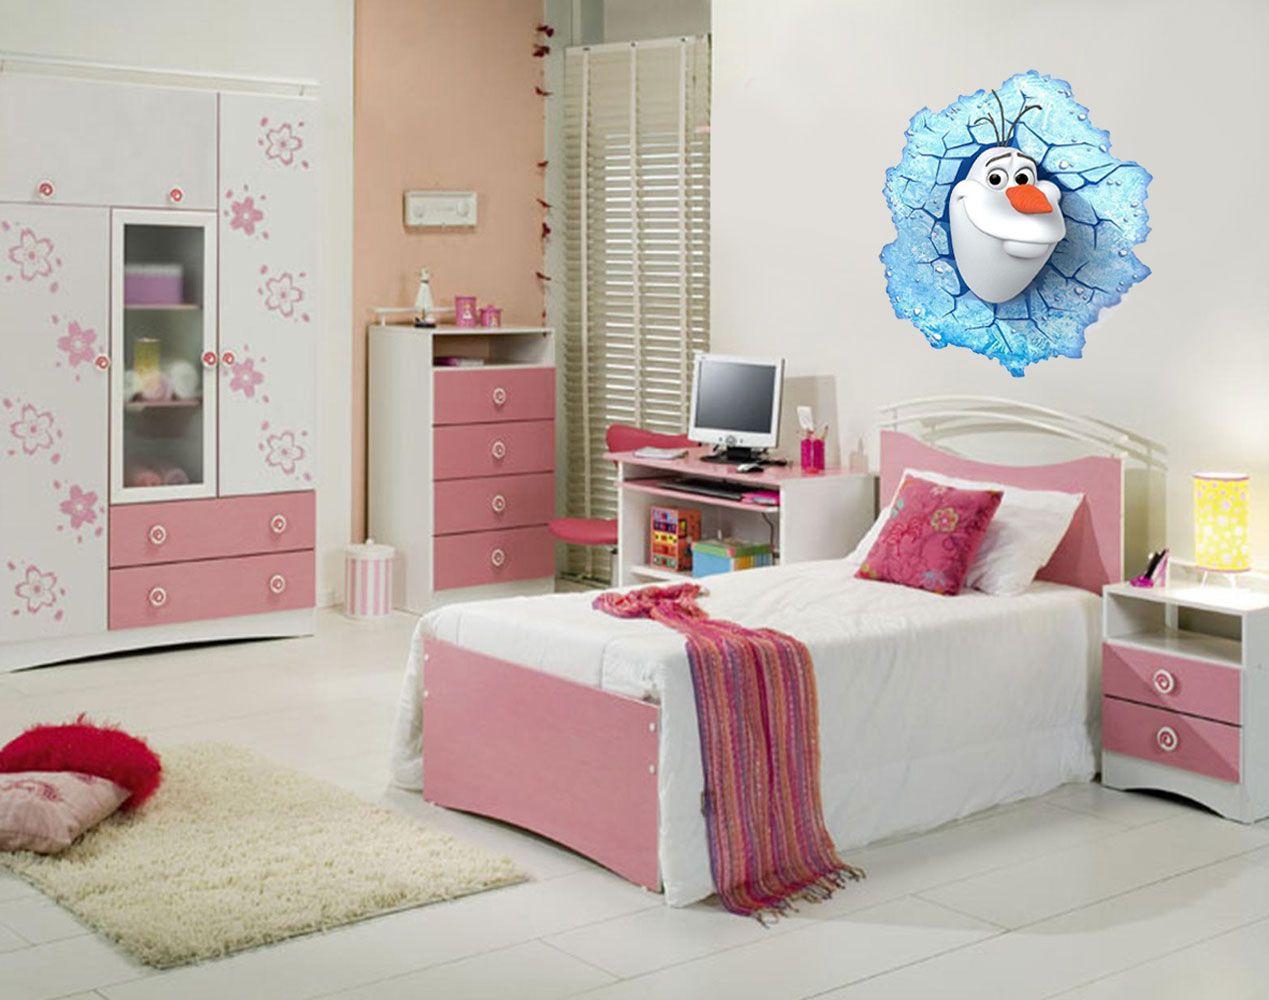 Adesivo Decorativo Frozen 0011  - Paredes Decoradas